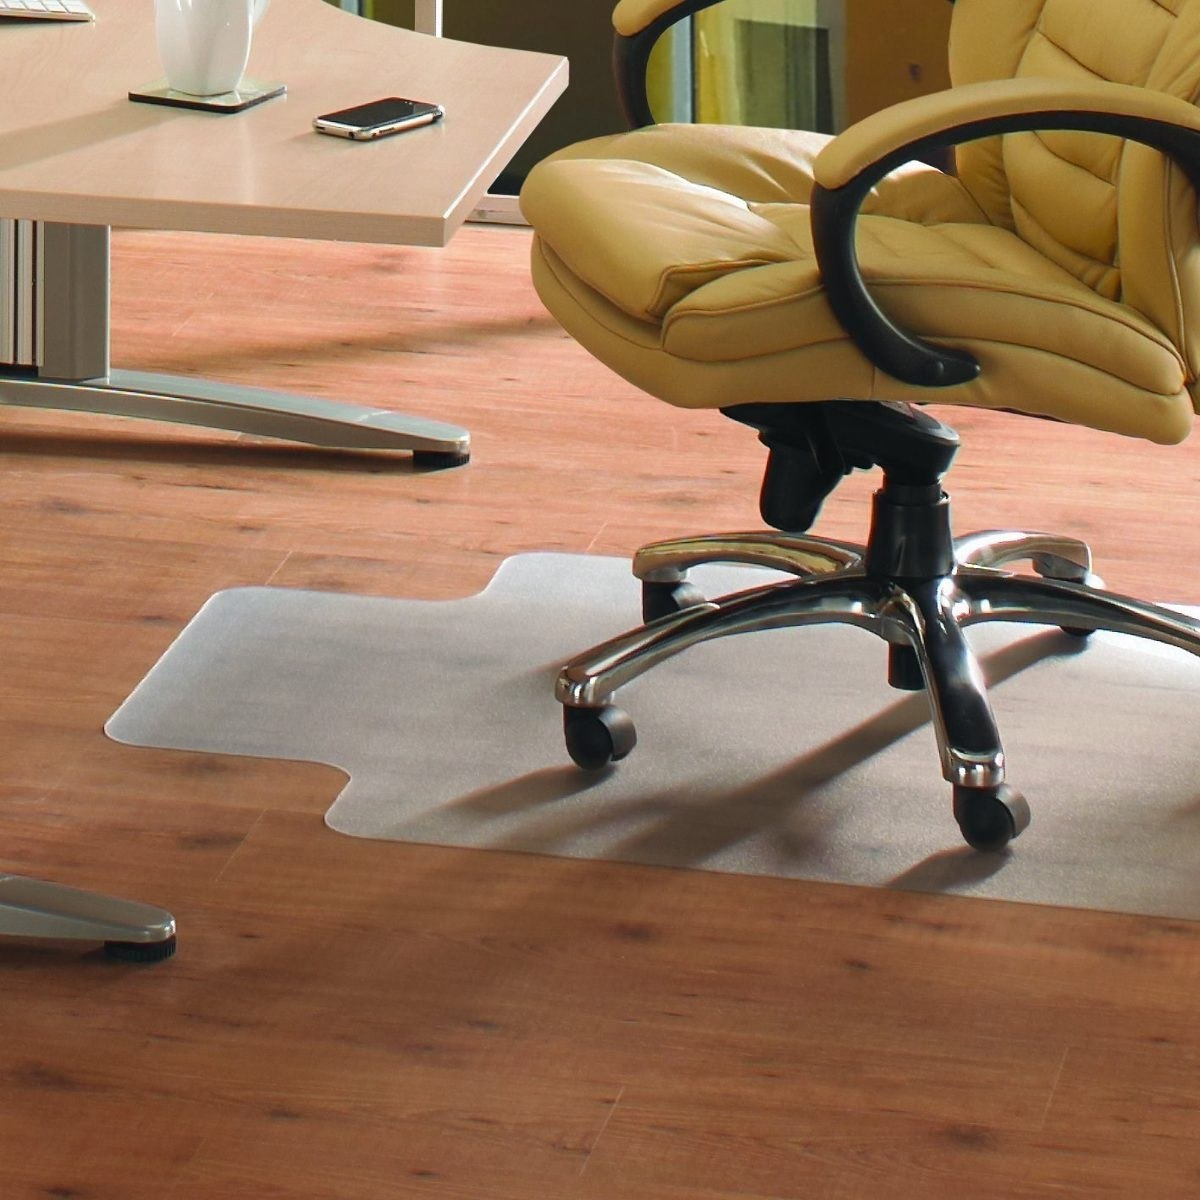 Protector P V C Bajo Escritorio Para Pisos Muebles Y Cosas 990  # Muebles Y Cosas